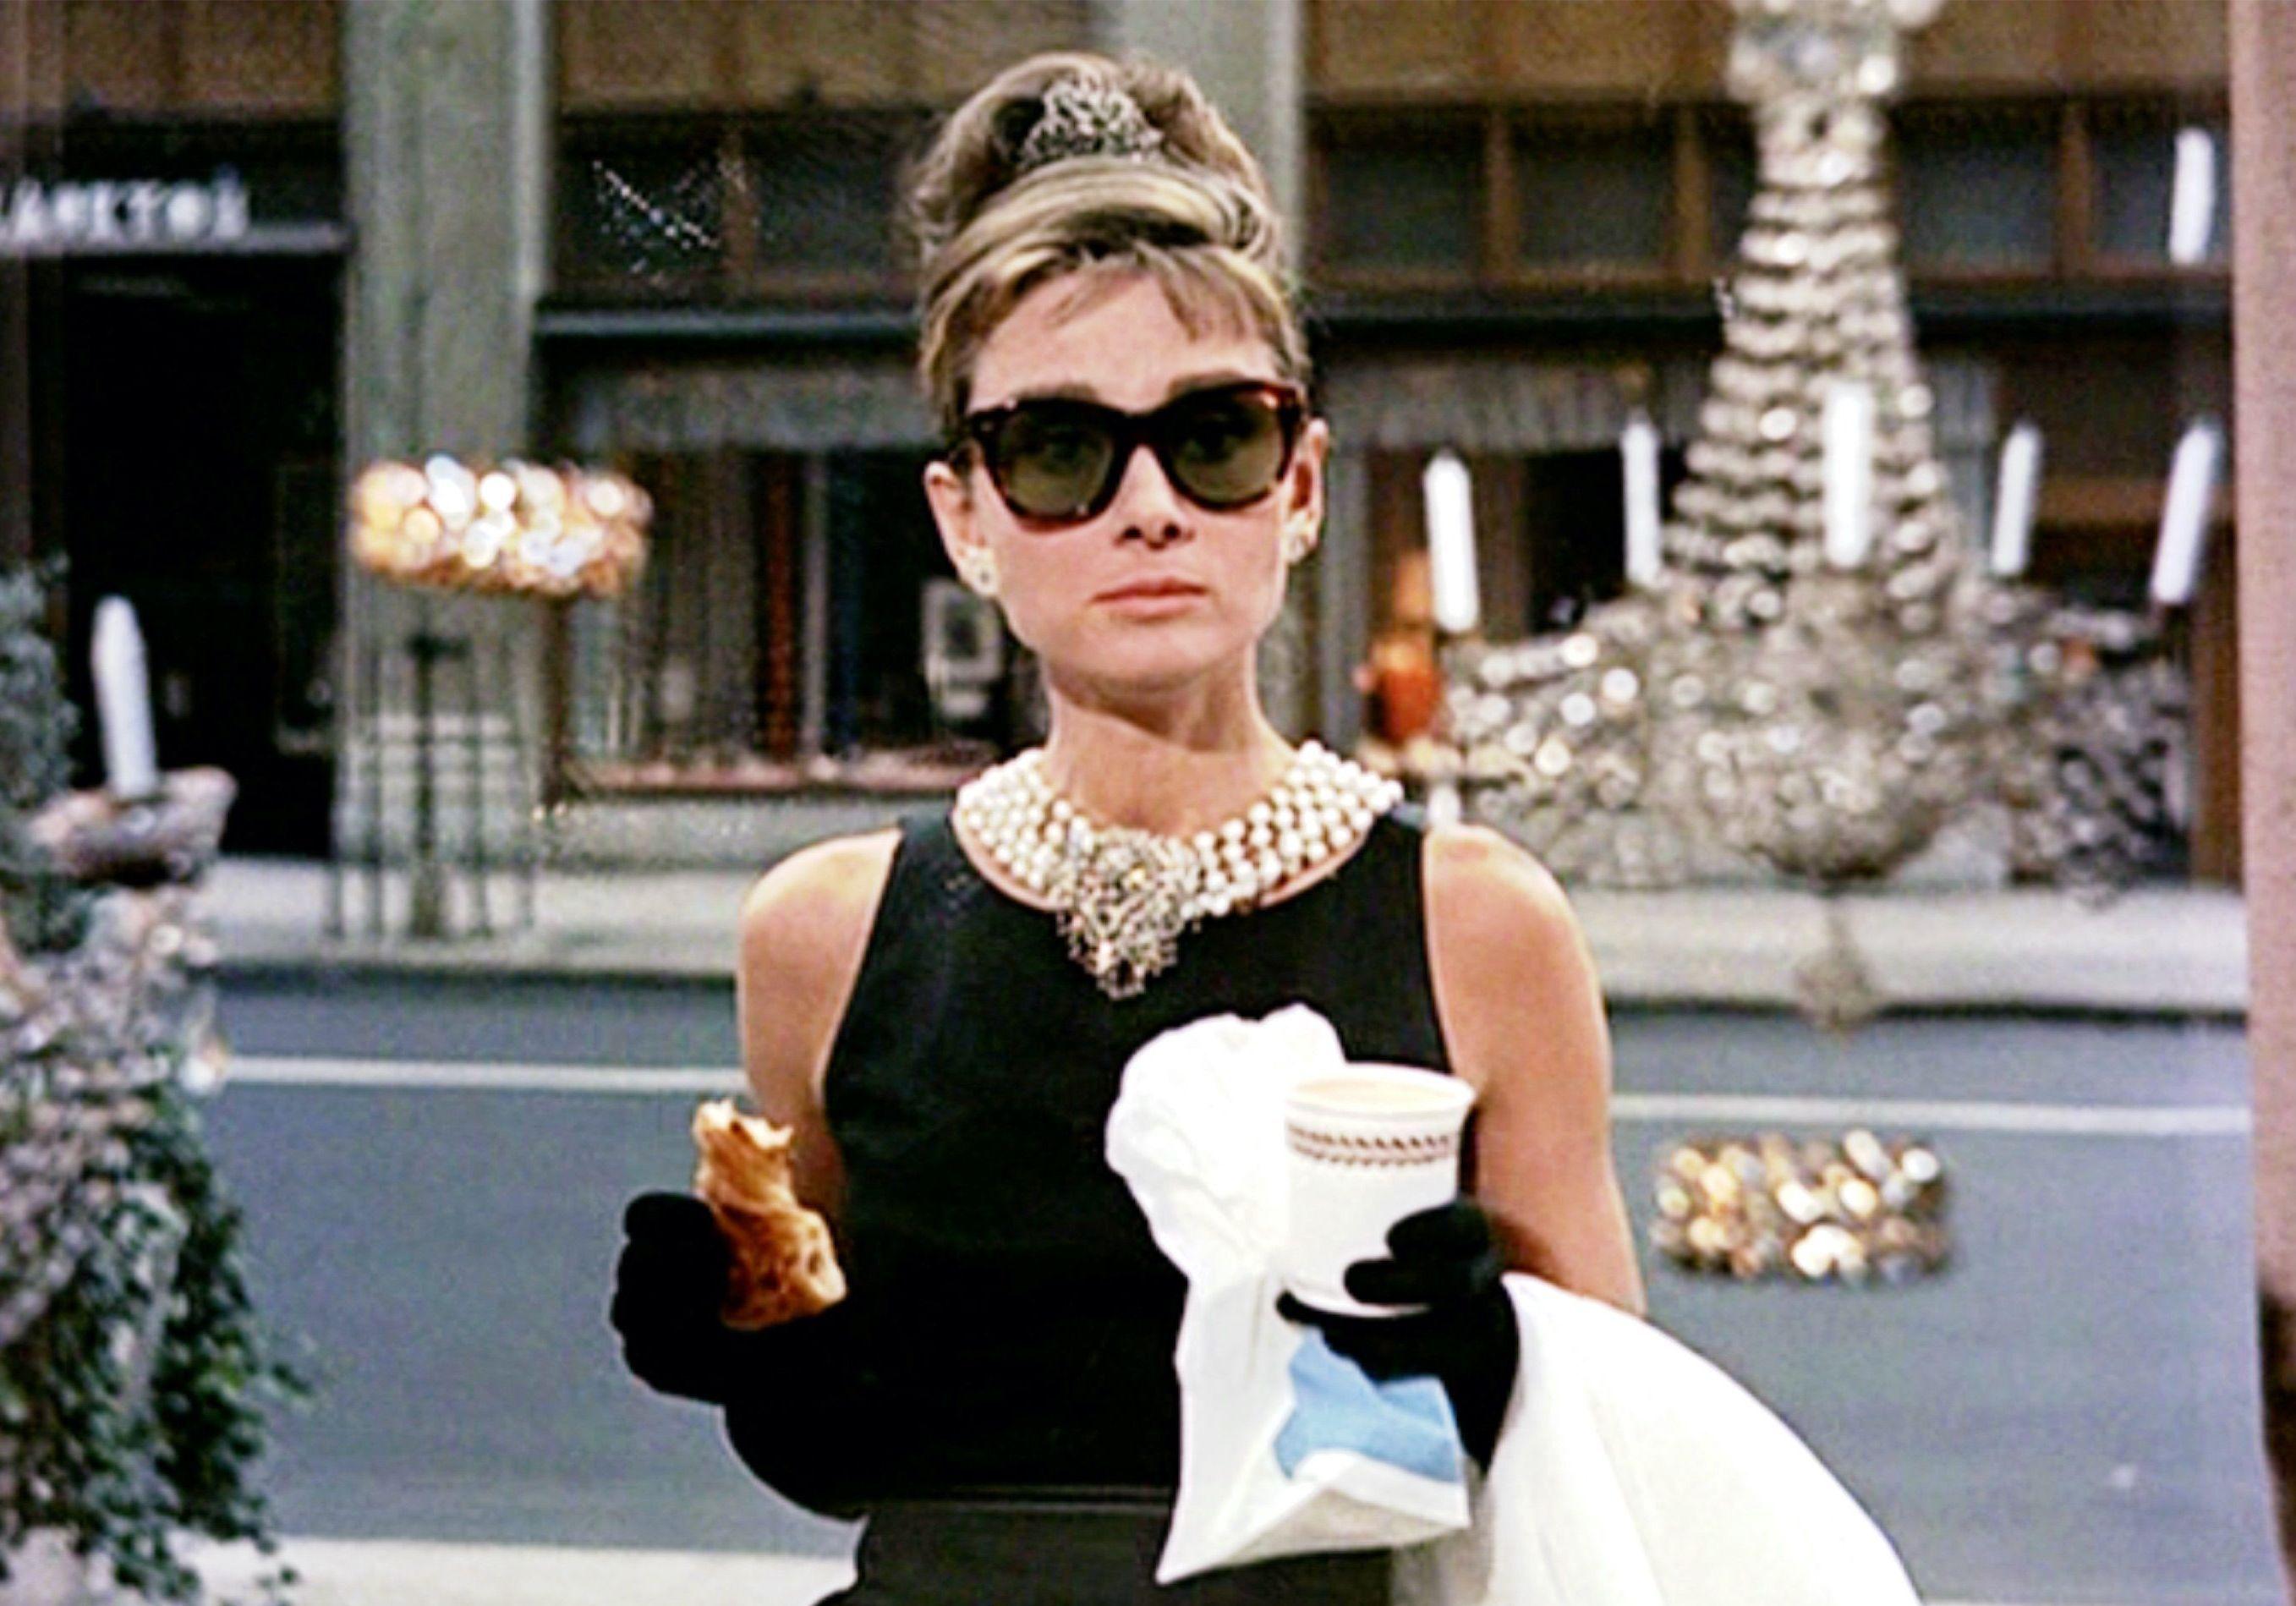 Breakfast at Tiffany's : comment s'habilleraient les personnages en 2021 ? - Elle